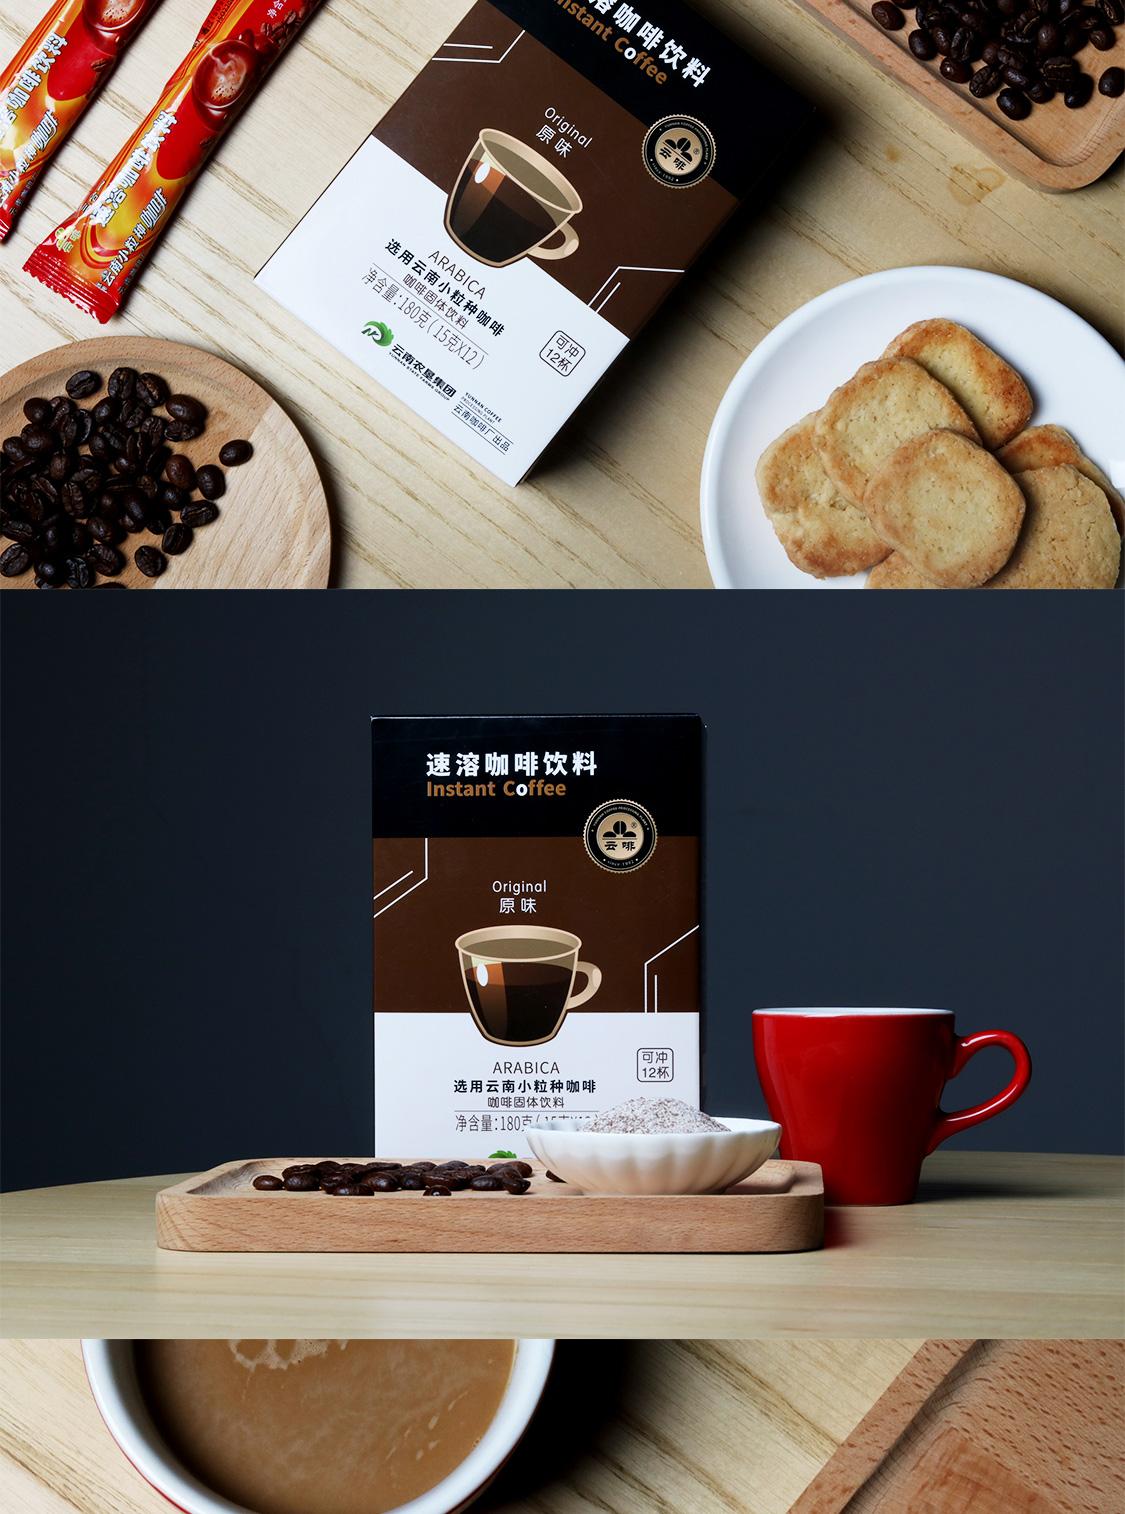 原味速溶咖啡小盒装_14.jpg